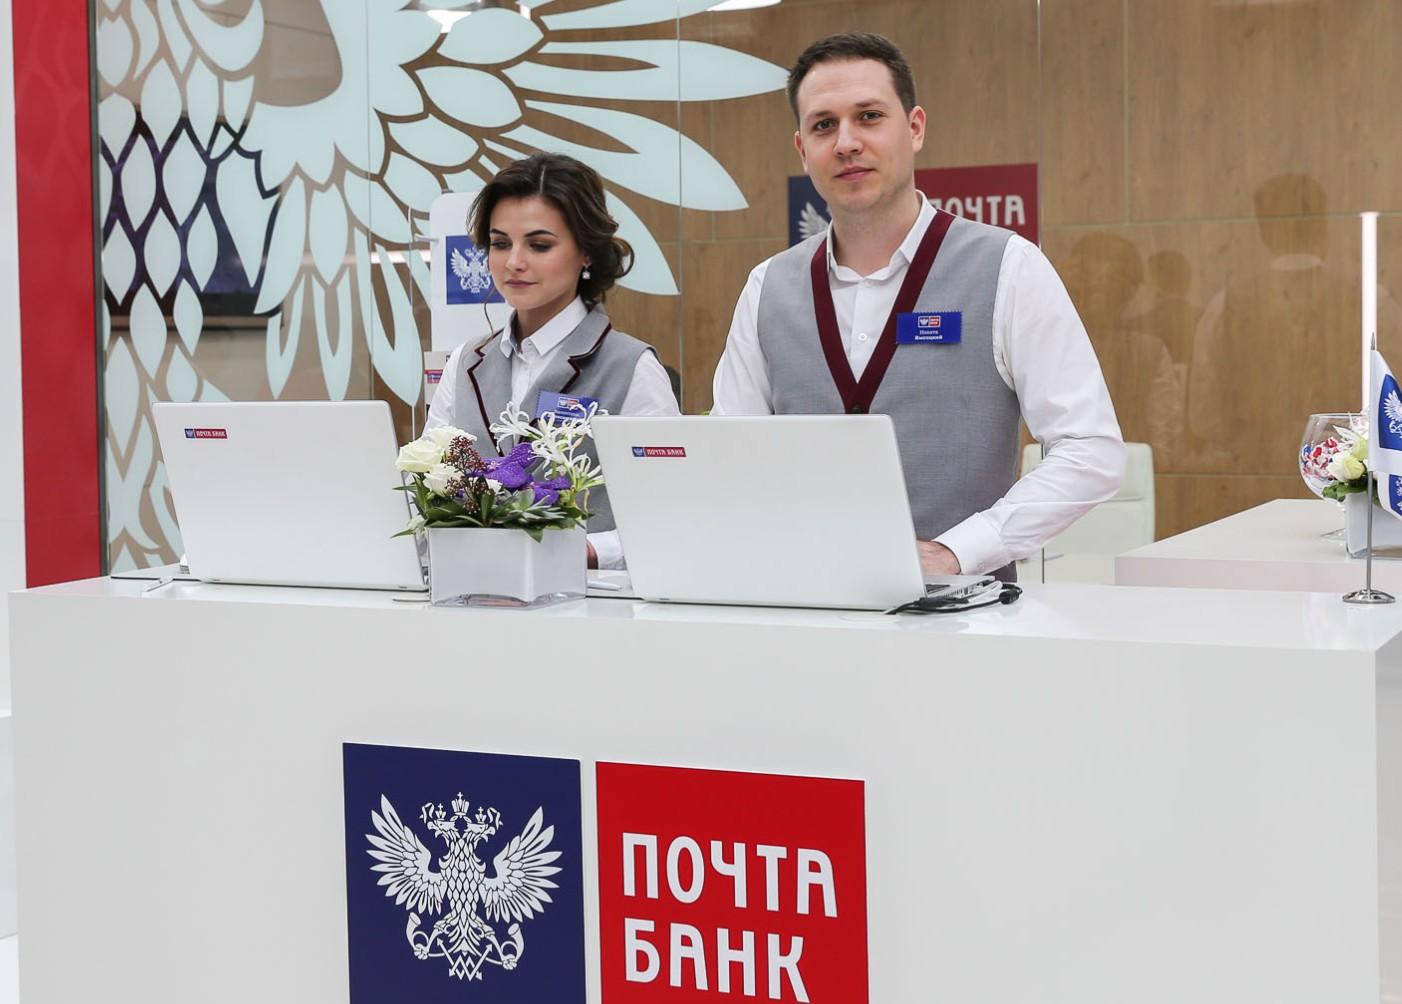 Отделение Почта Банка в Тракторозаводском районе Волгограда по улице Николая отрады дом 10А